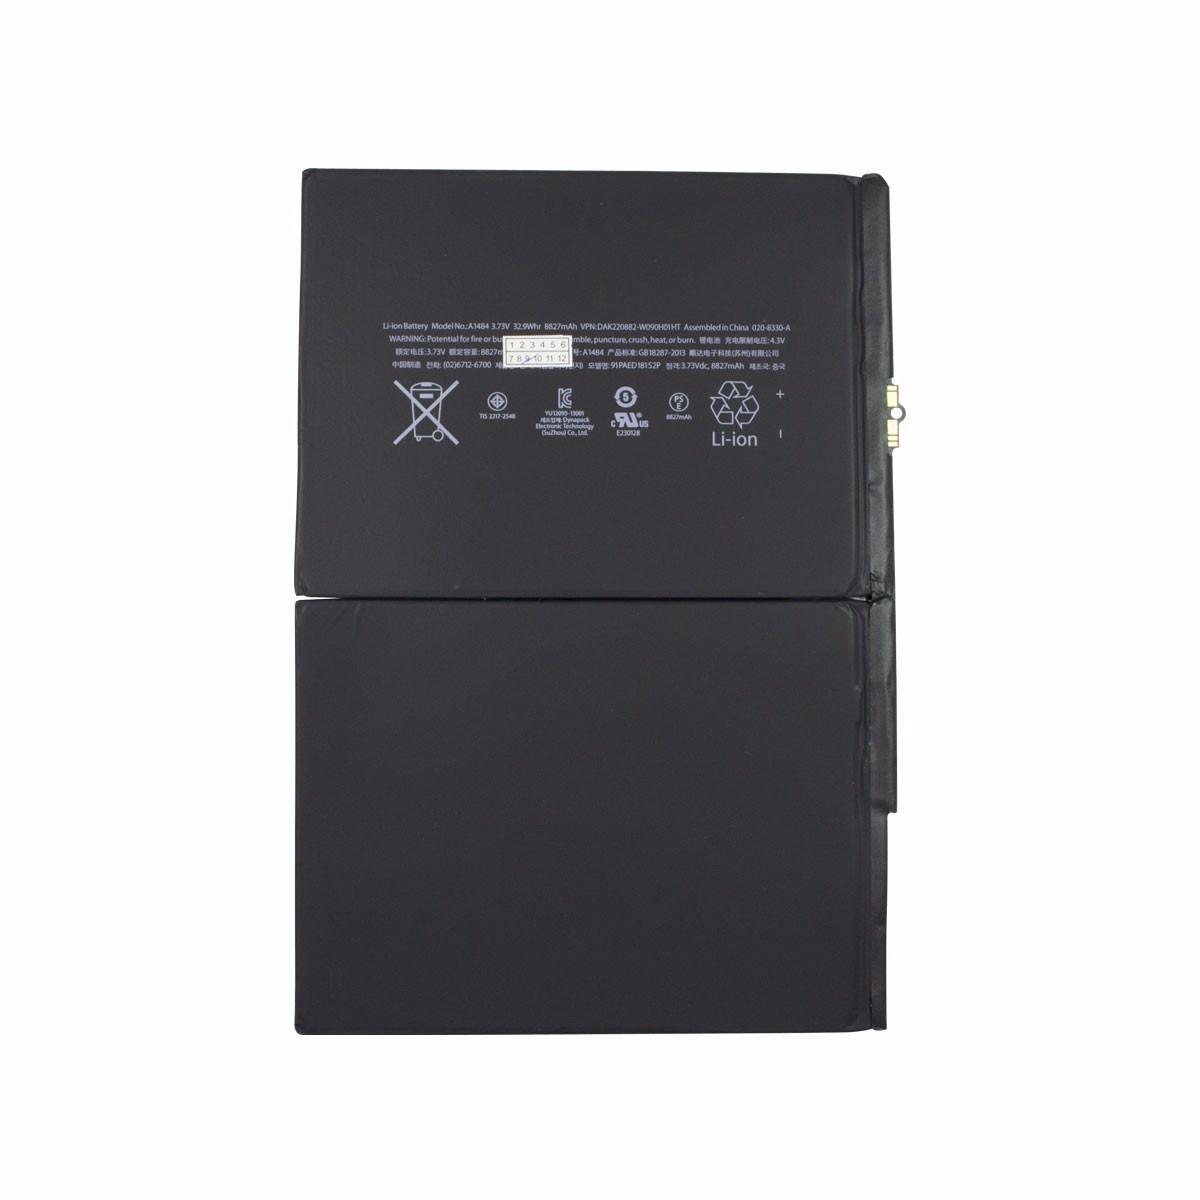 Bateria Apple A1484 Ipad Air A1474 A1475 A1476 Ipad 5 A1823